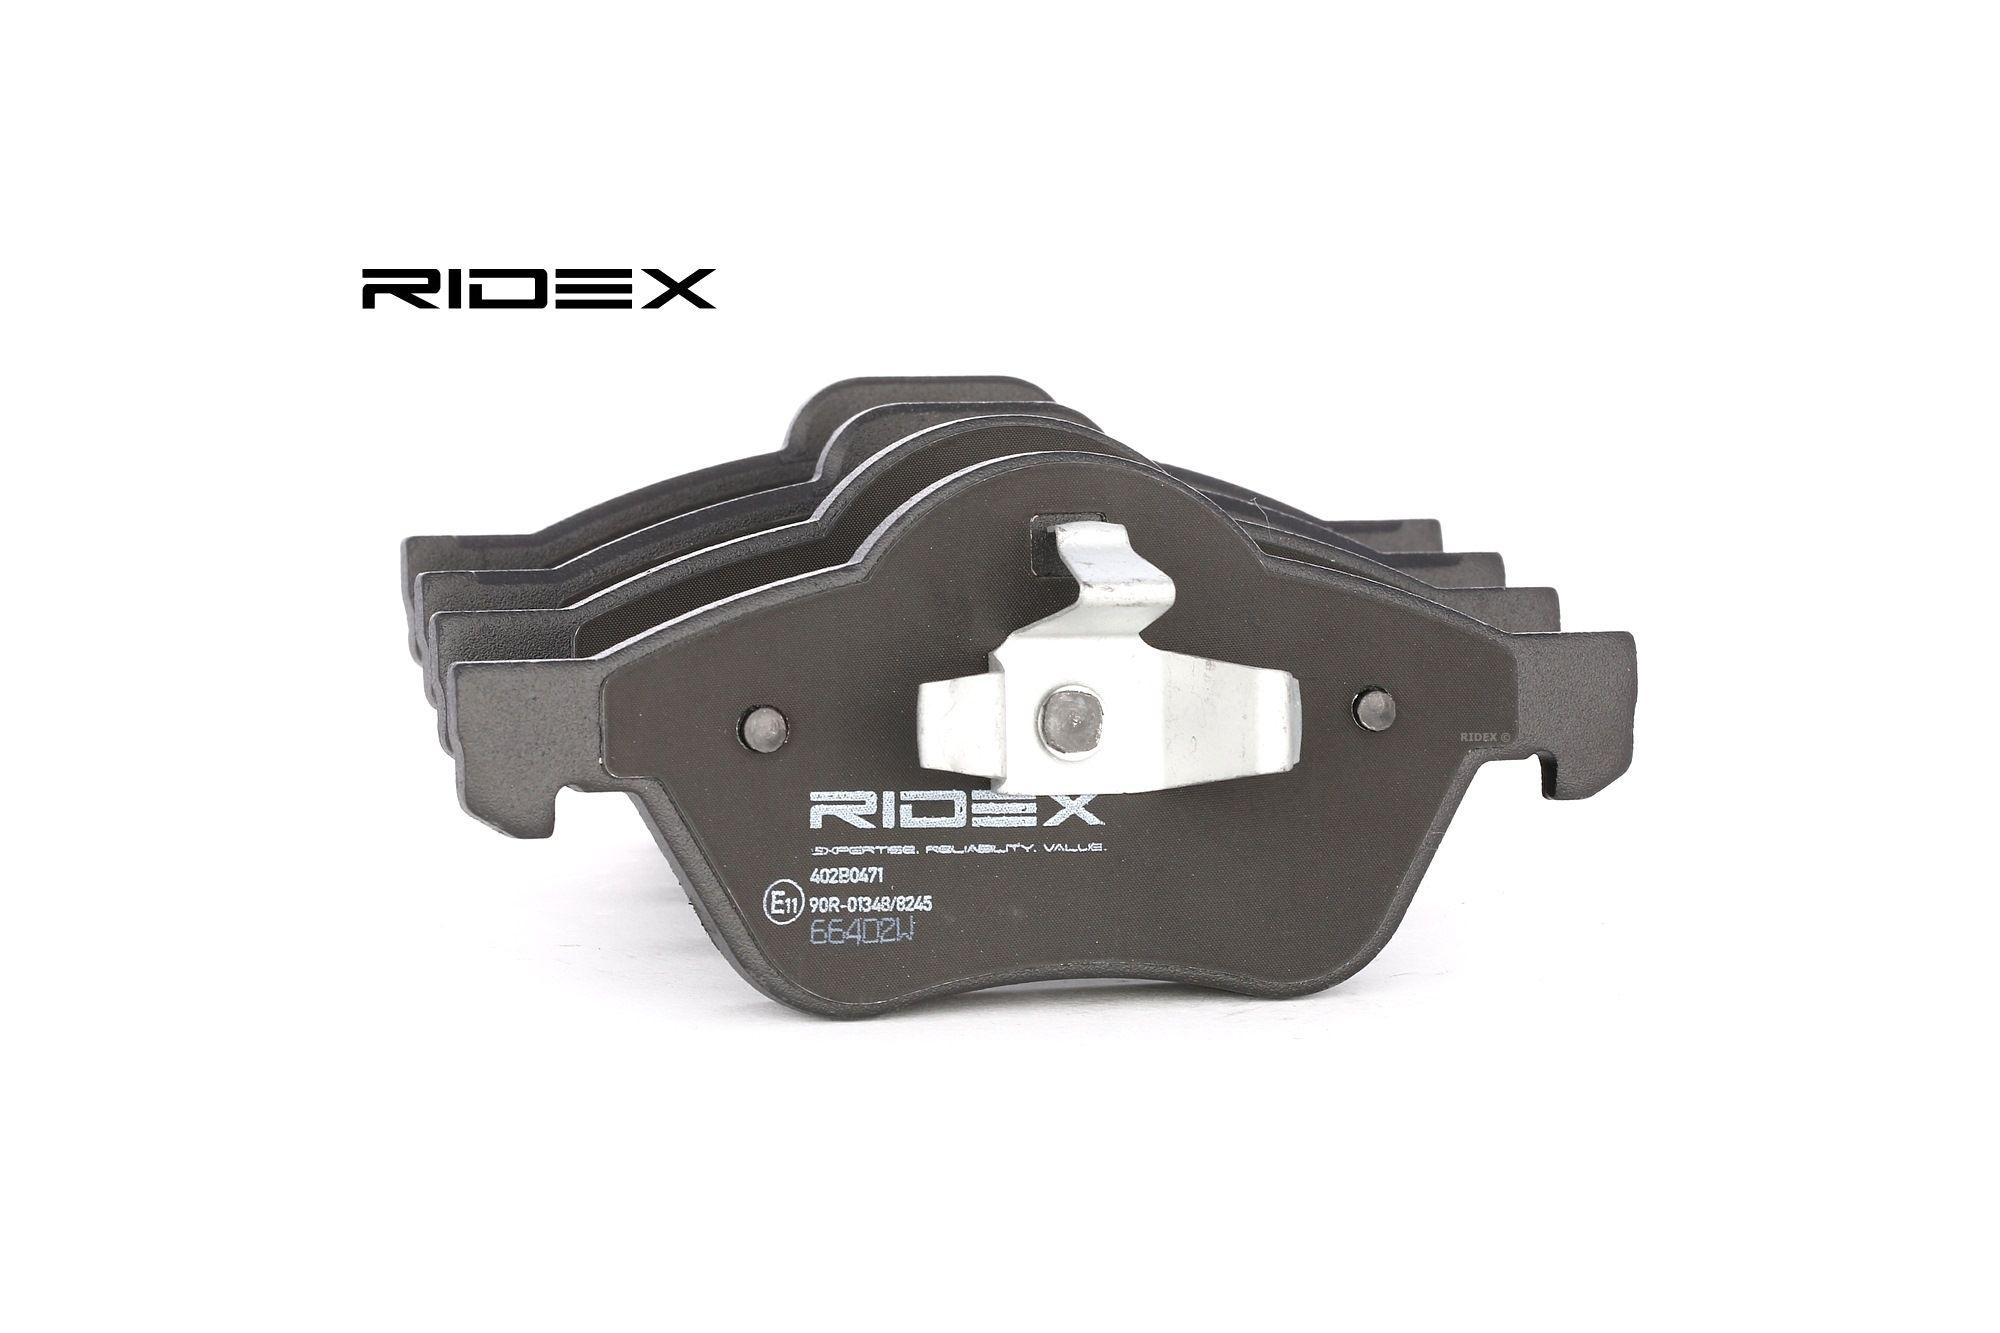 Disk brake pads RIDEX 402B0471 rating